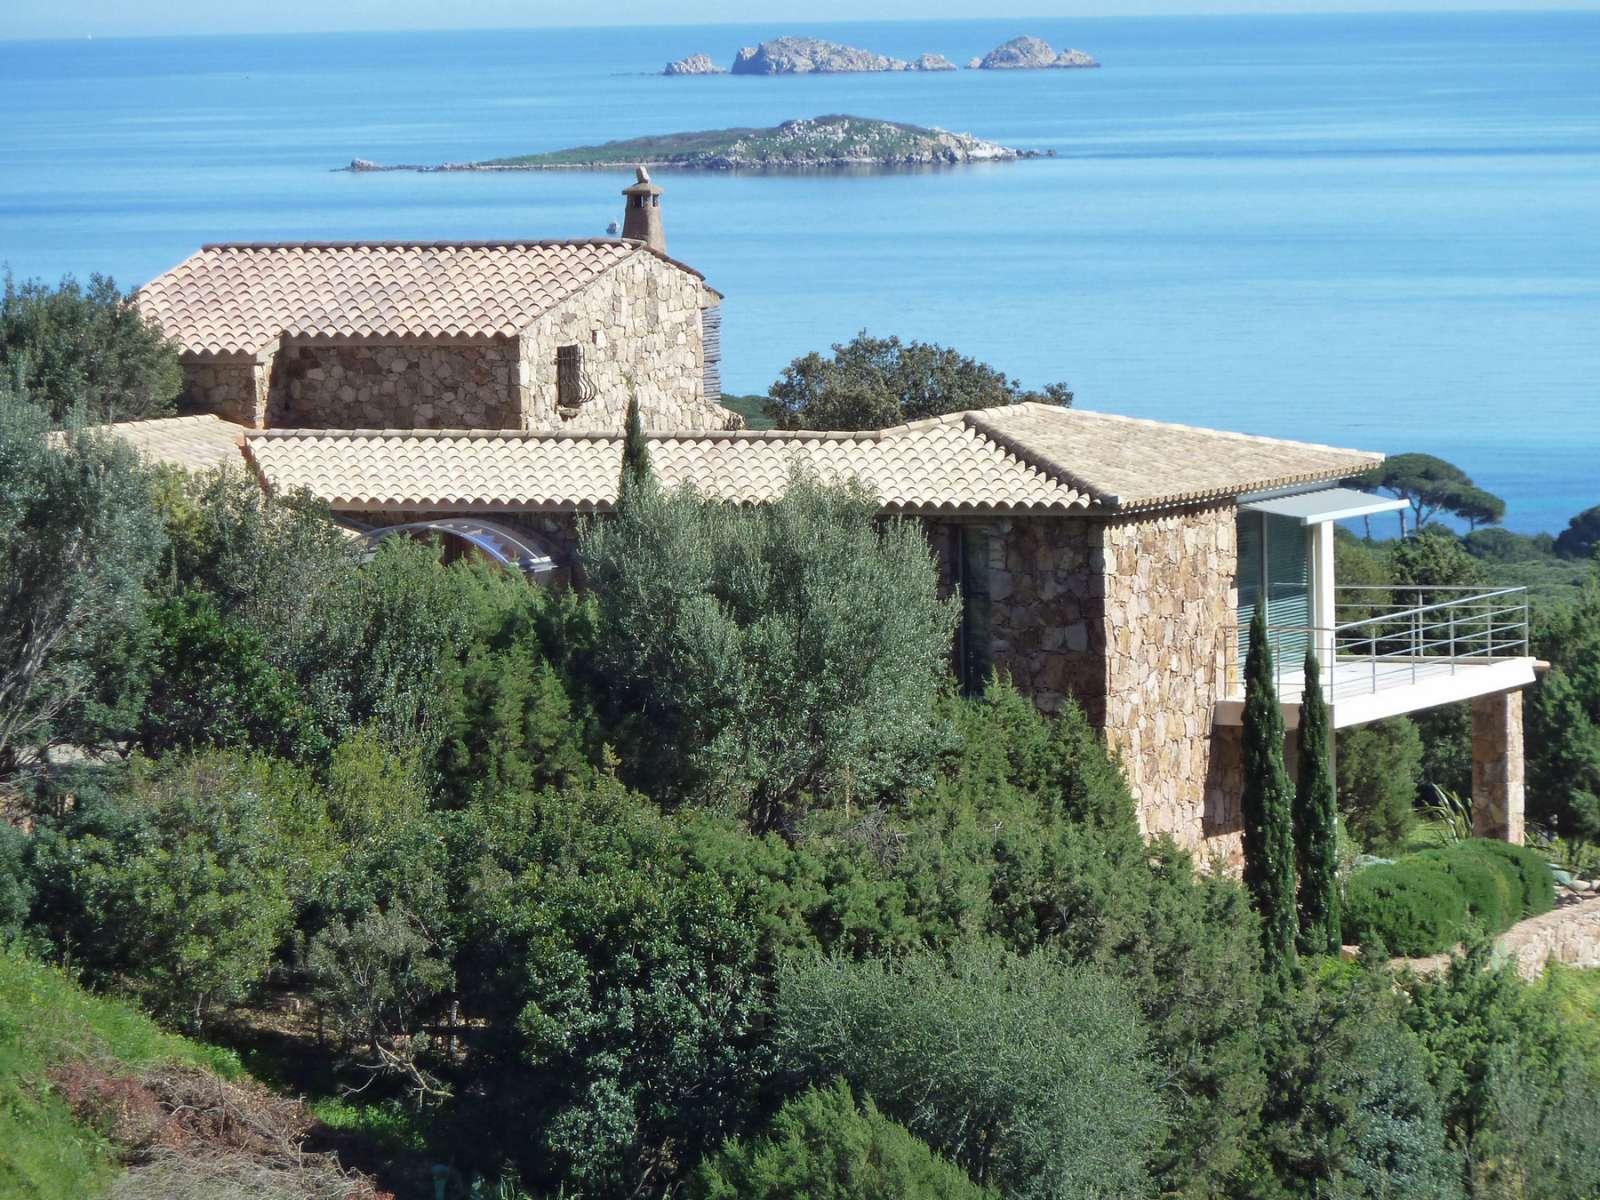 Villa In Porto Vecchio Contact The Owners Direct P67007 - Villa-in-sardinia-by-antonio-lupi